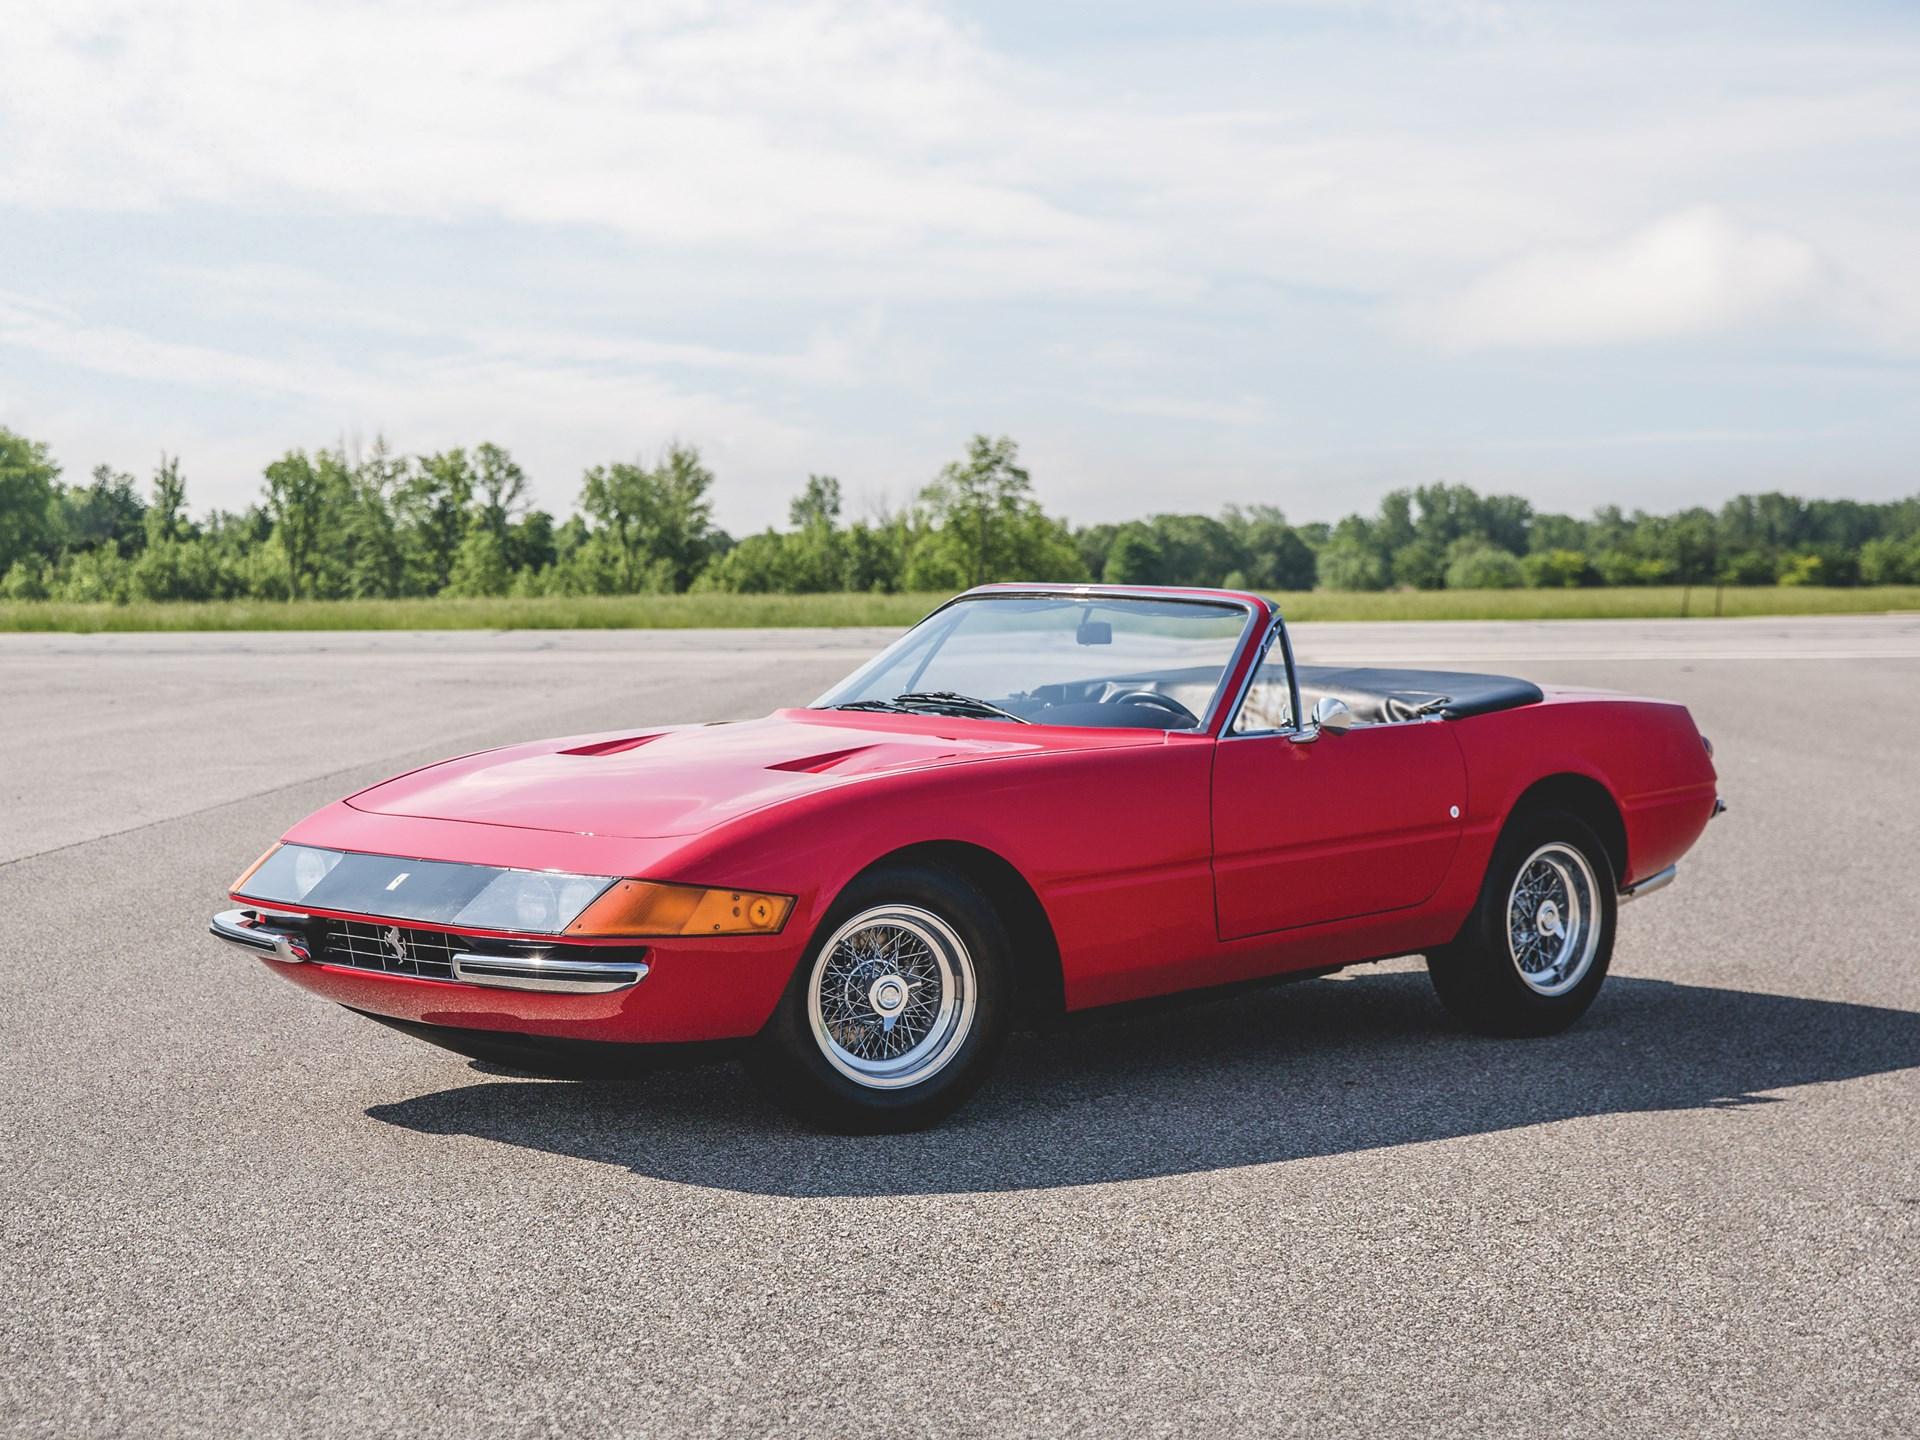 1971 Ferrari 365 GTB/4 Daytona Spider Conversion